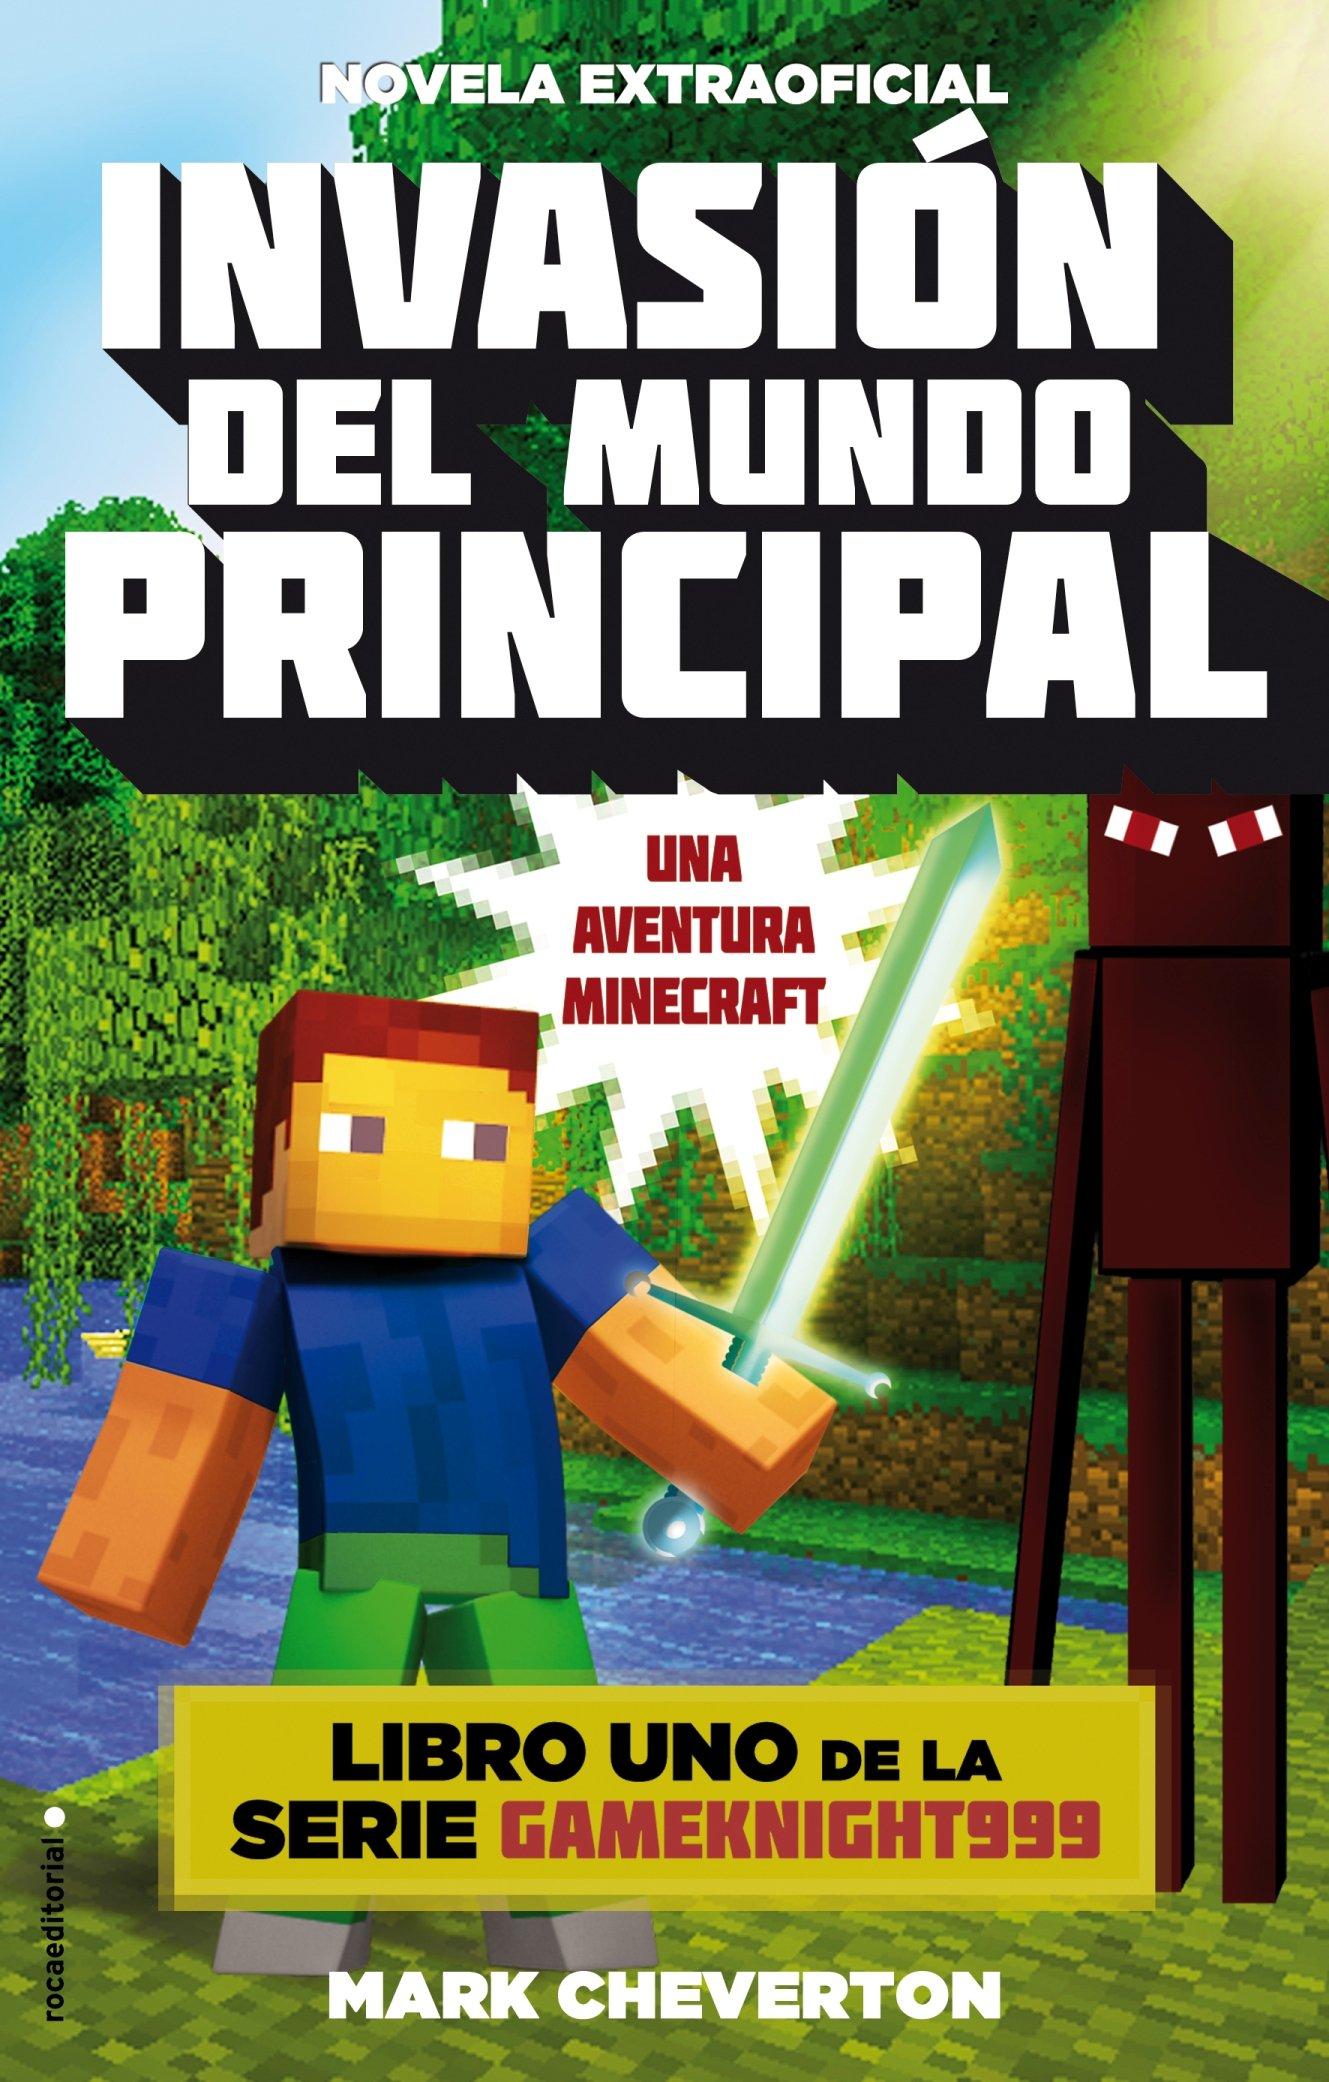 Invasión del mundo principal: Una aventura Minecraft Junior - Juvenil roca: Amazon.es: Mark Cheverton, Elia Maqueda: Libros